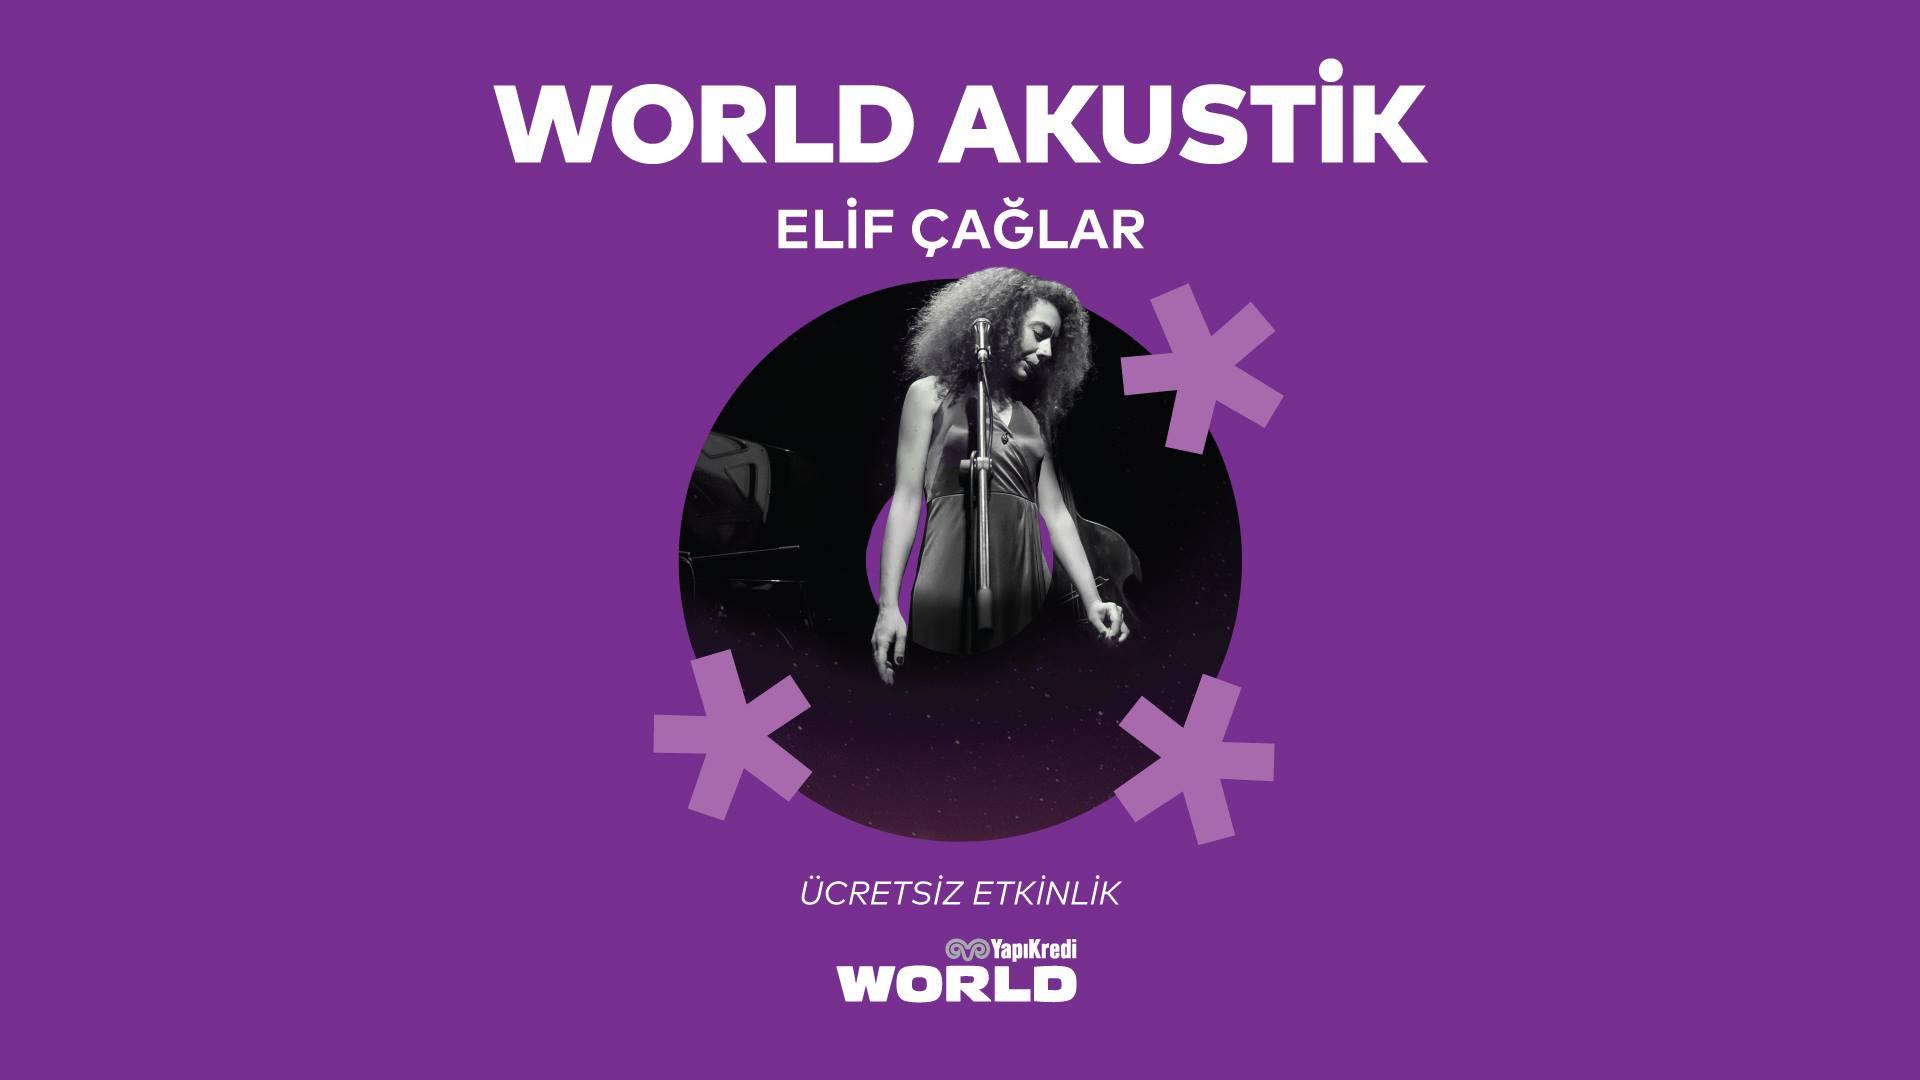 World Akustik - Elif Çağlar